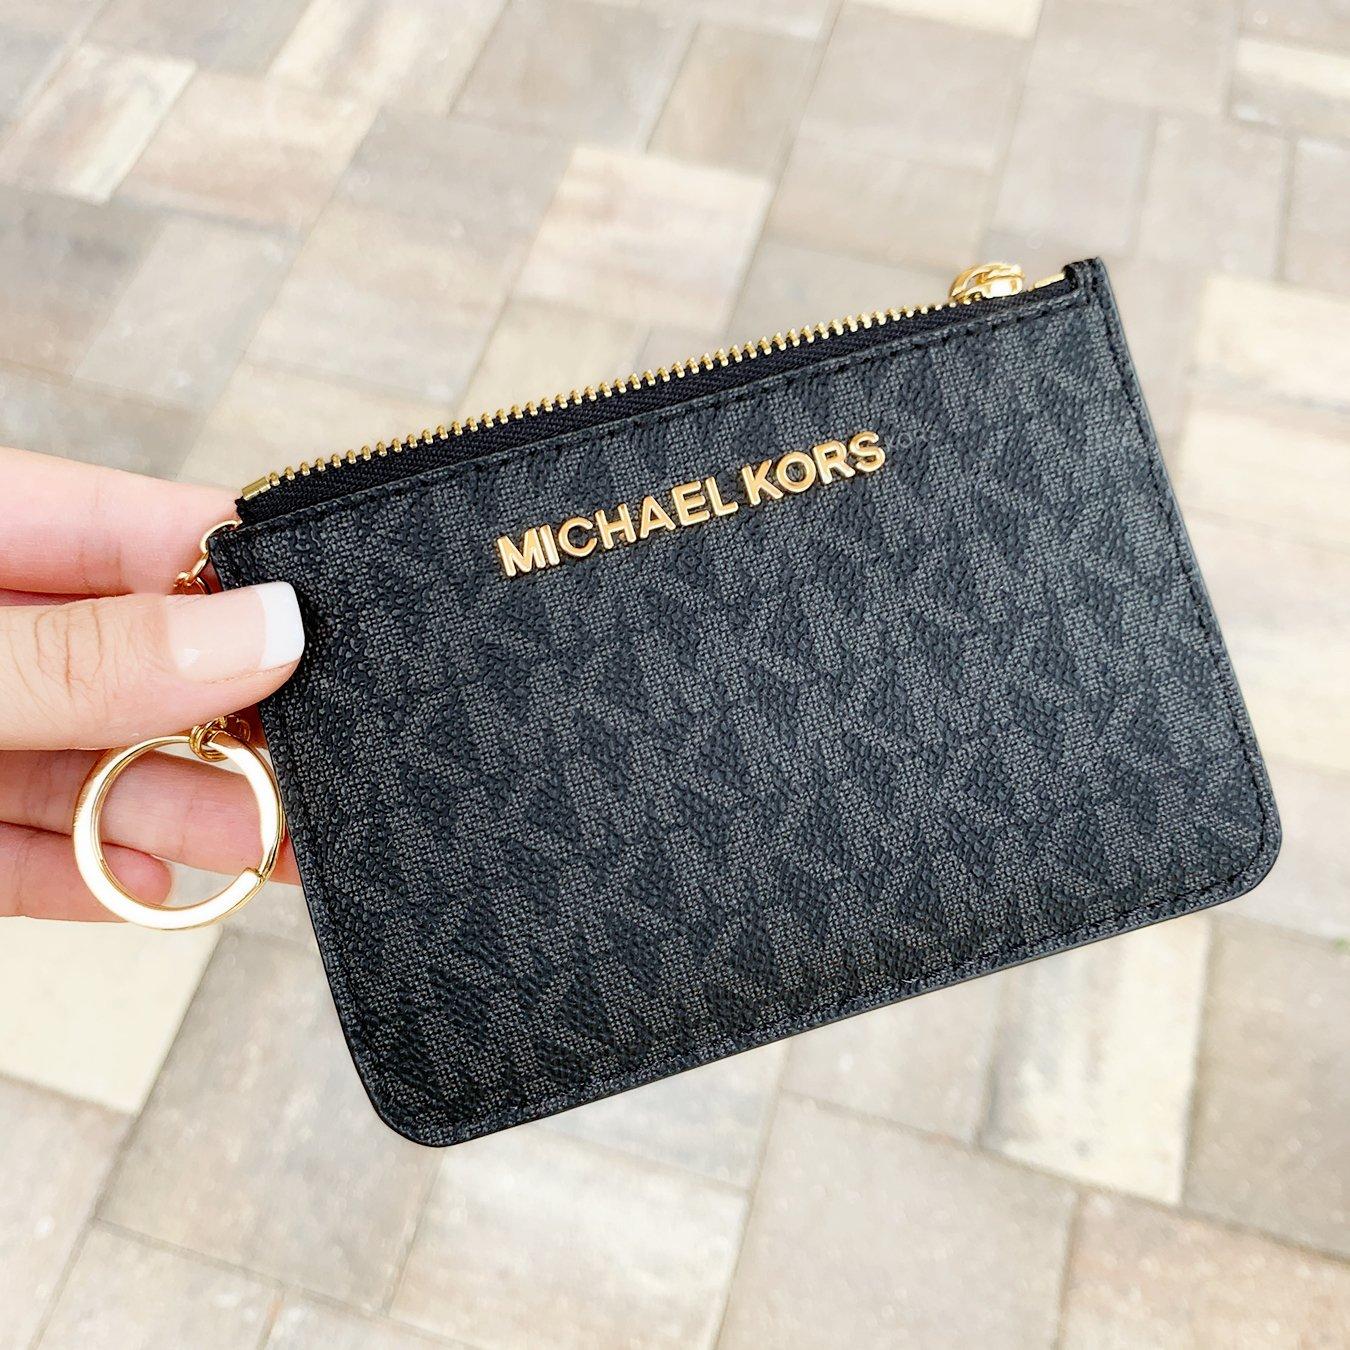 michael kors coin purse white